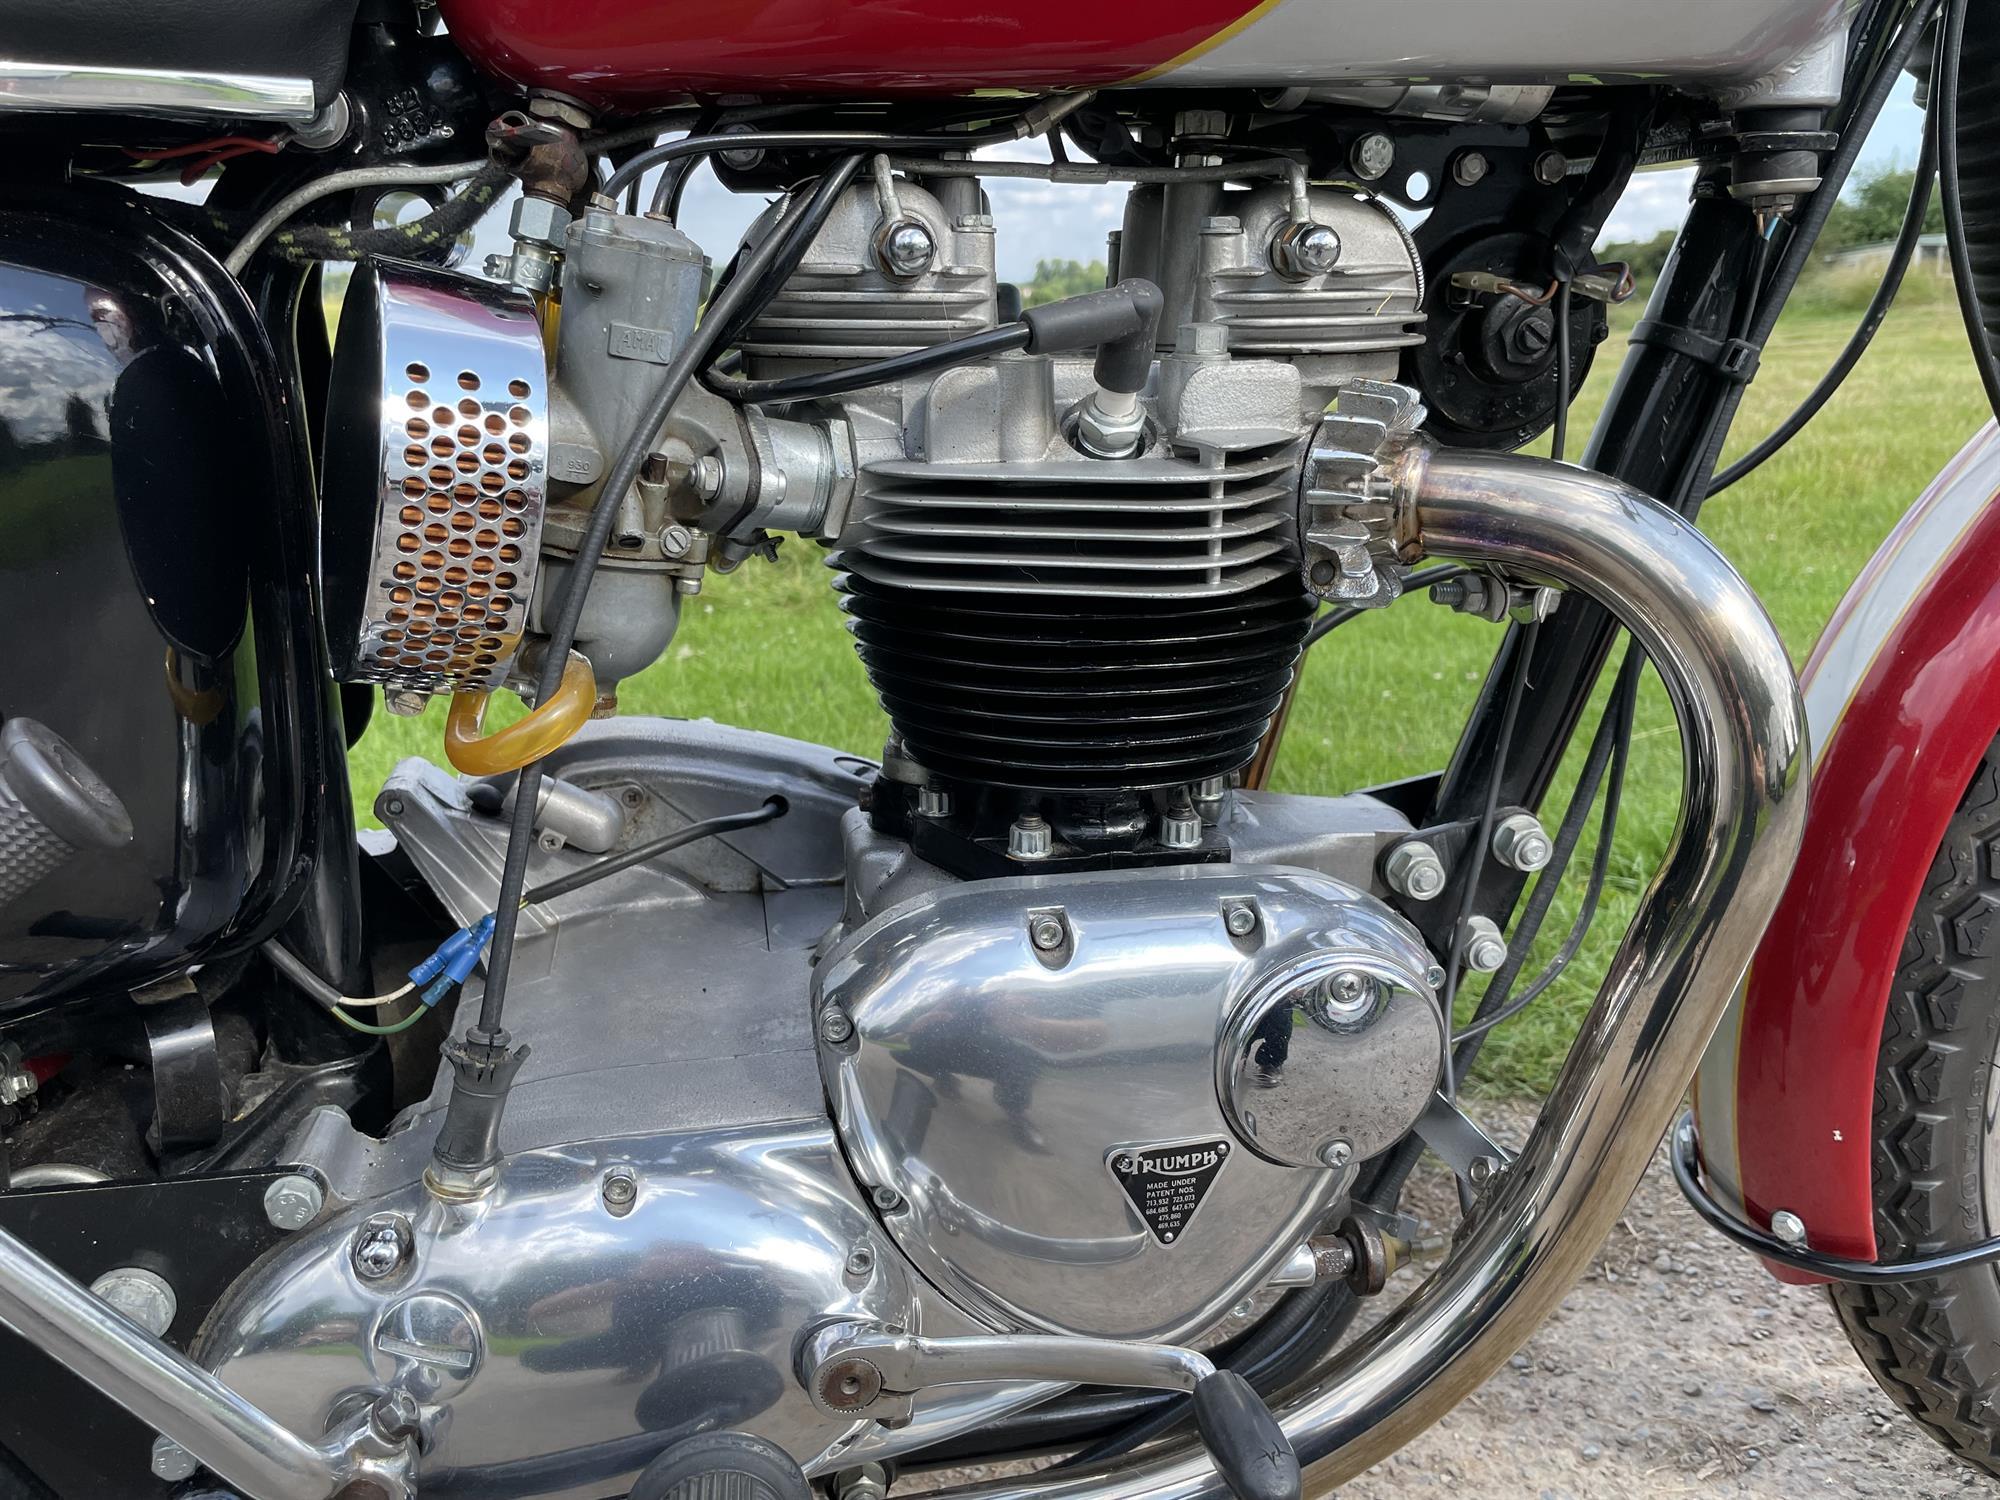 1970 Triumph T120R Bonneville - Image 3 of 8